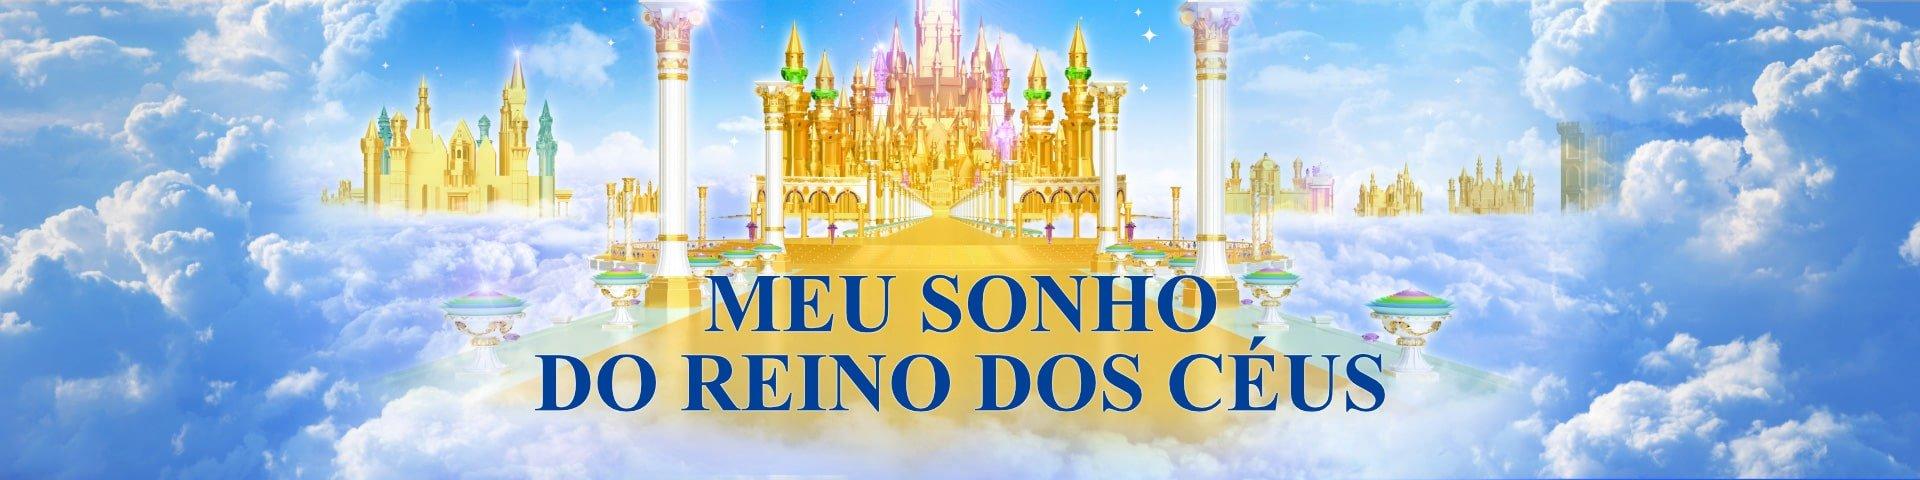 Cartaz - Meu sonho do reino dos céus